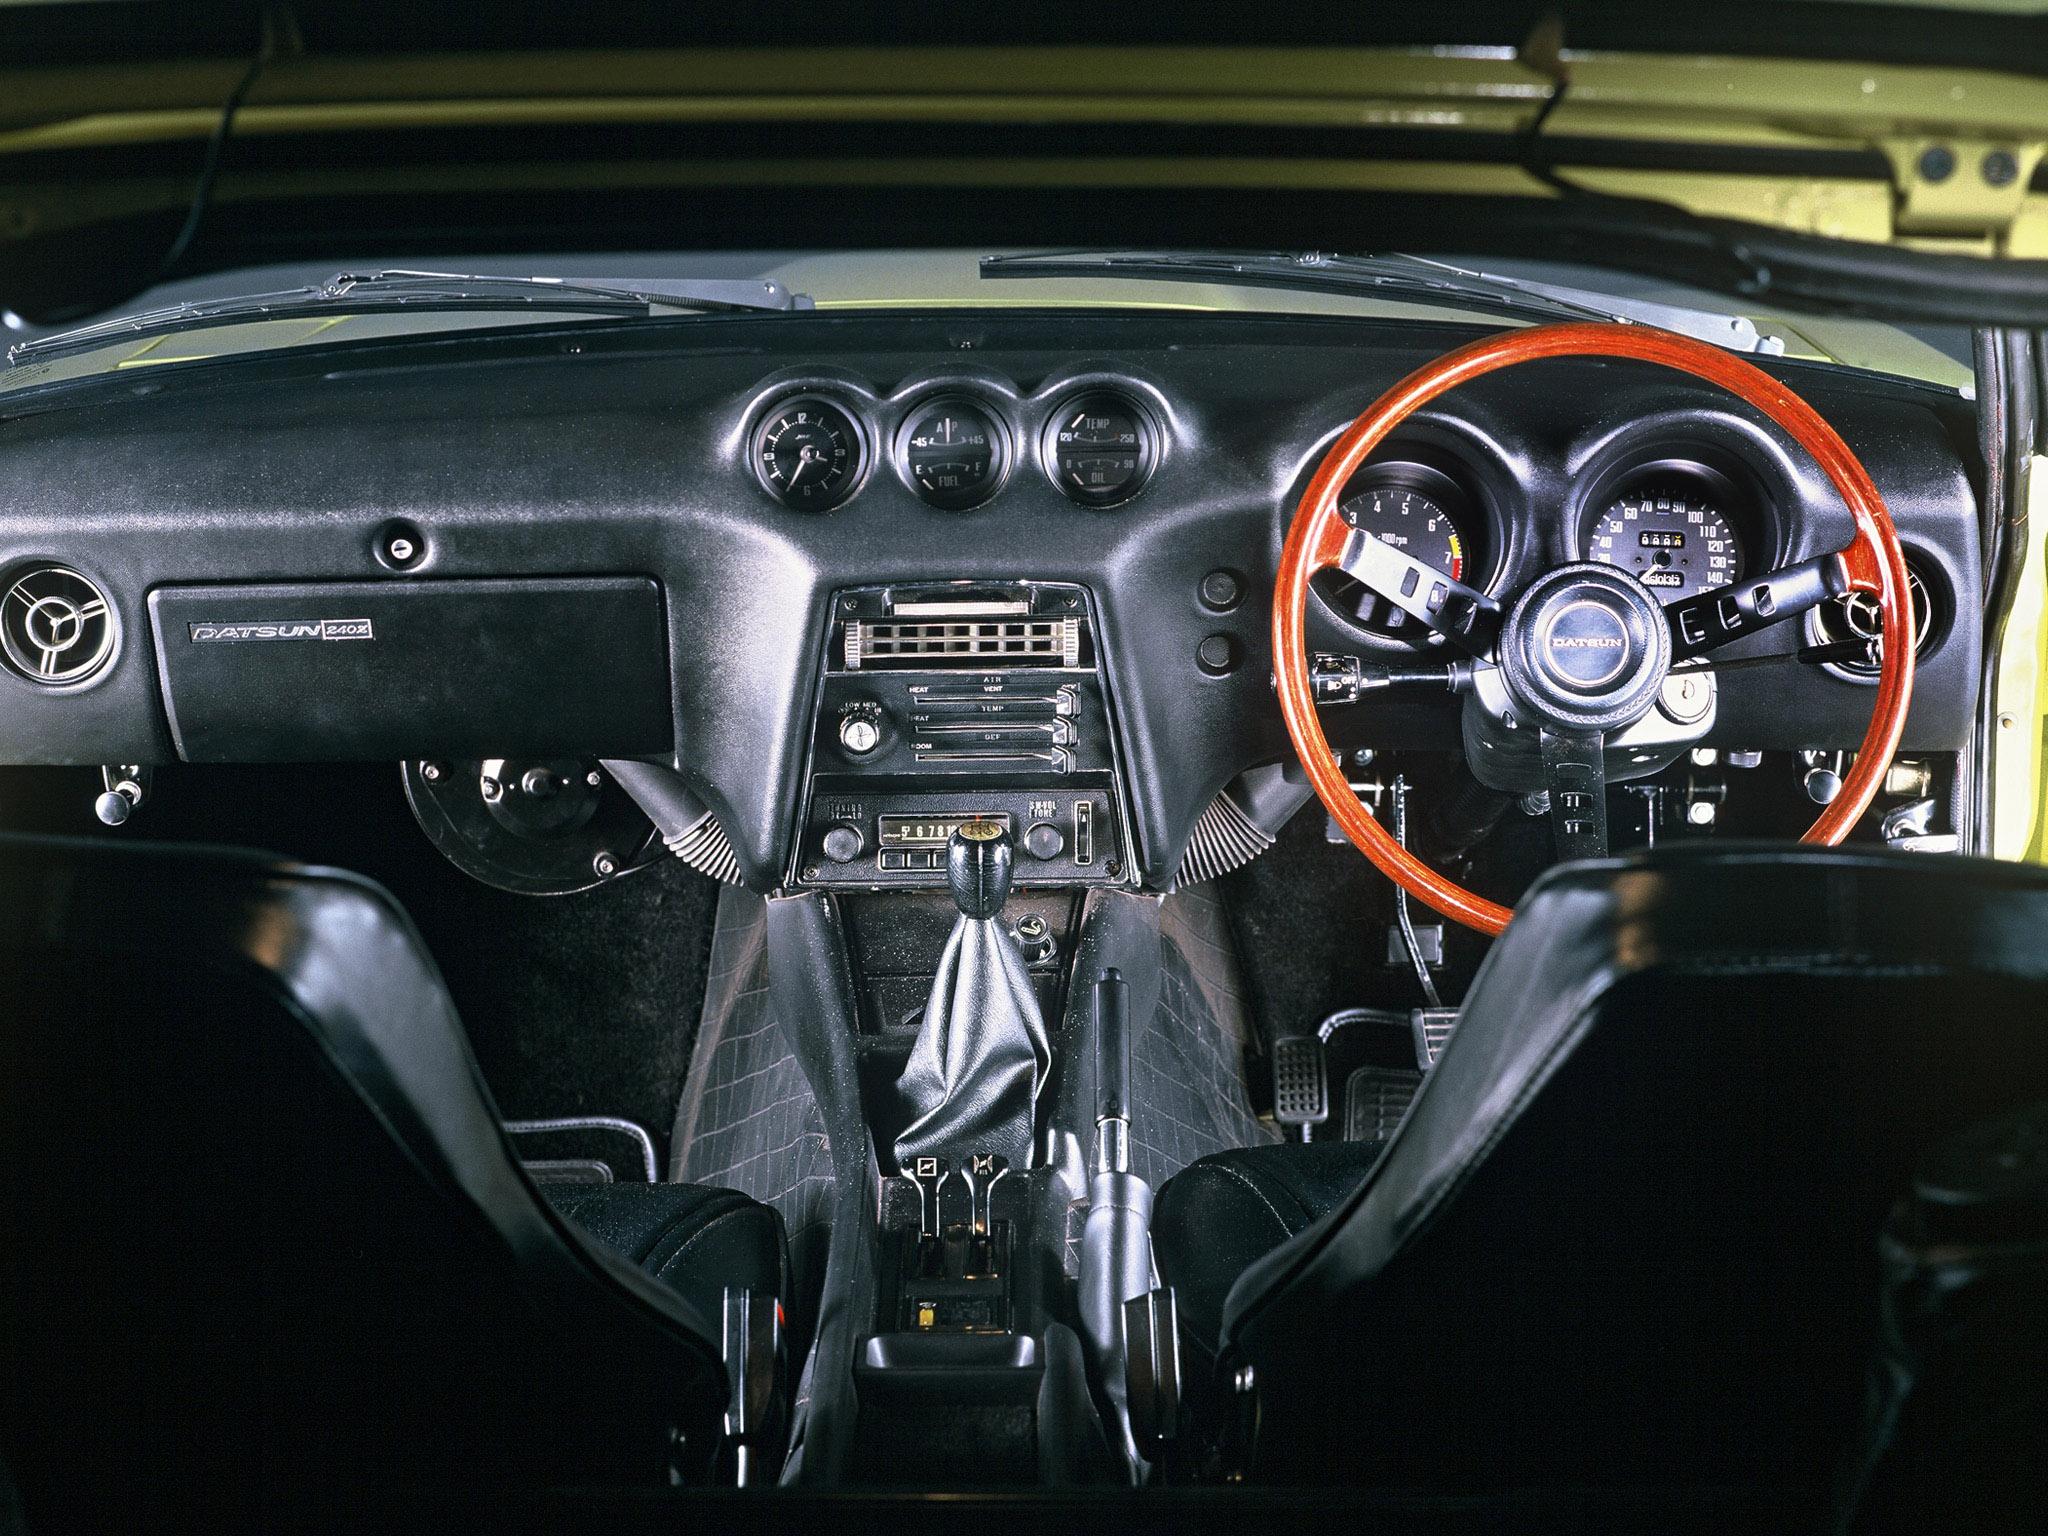 datsun_240z-hs30-1969-74_r1_jpg.jpg